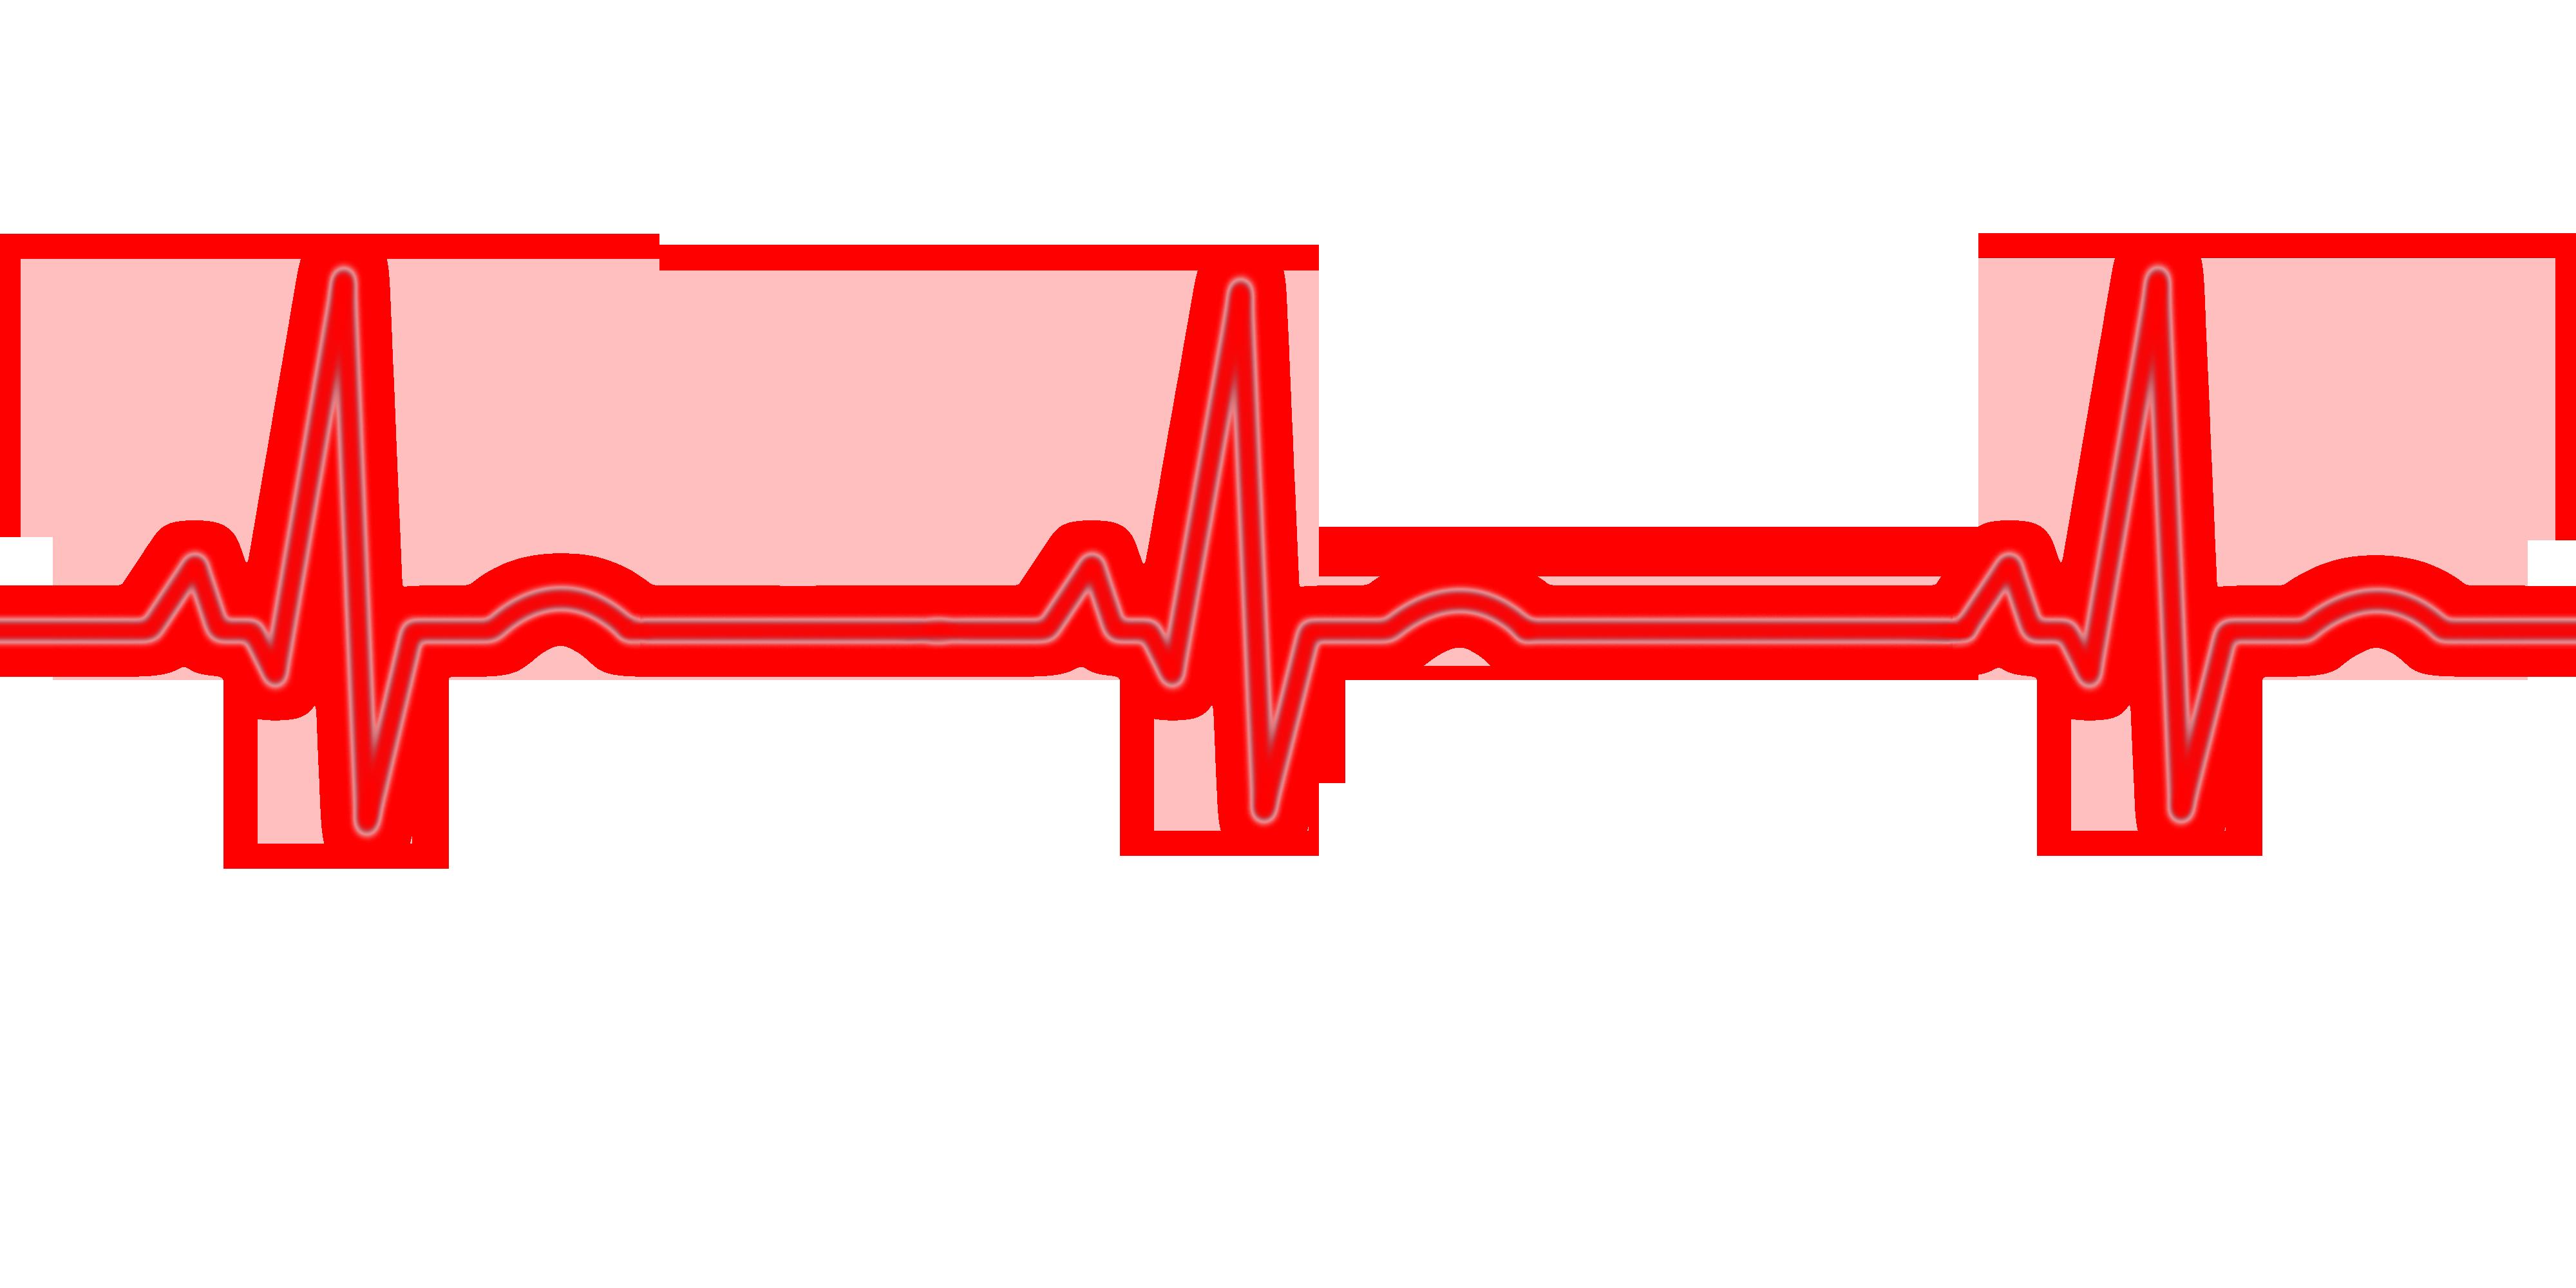 Ekg png transparent images. Heartbeat clipart lifeline